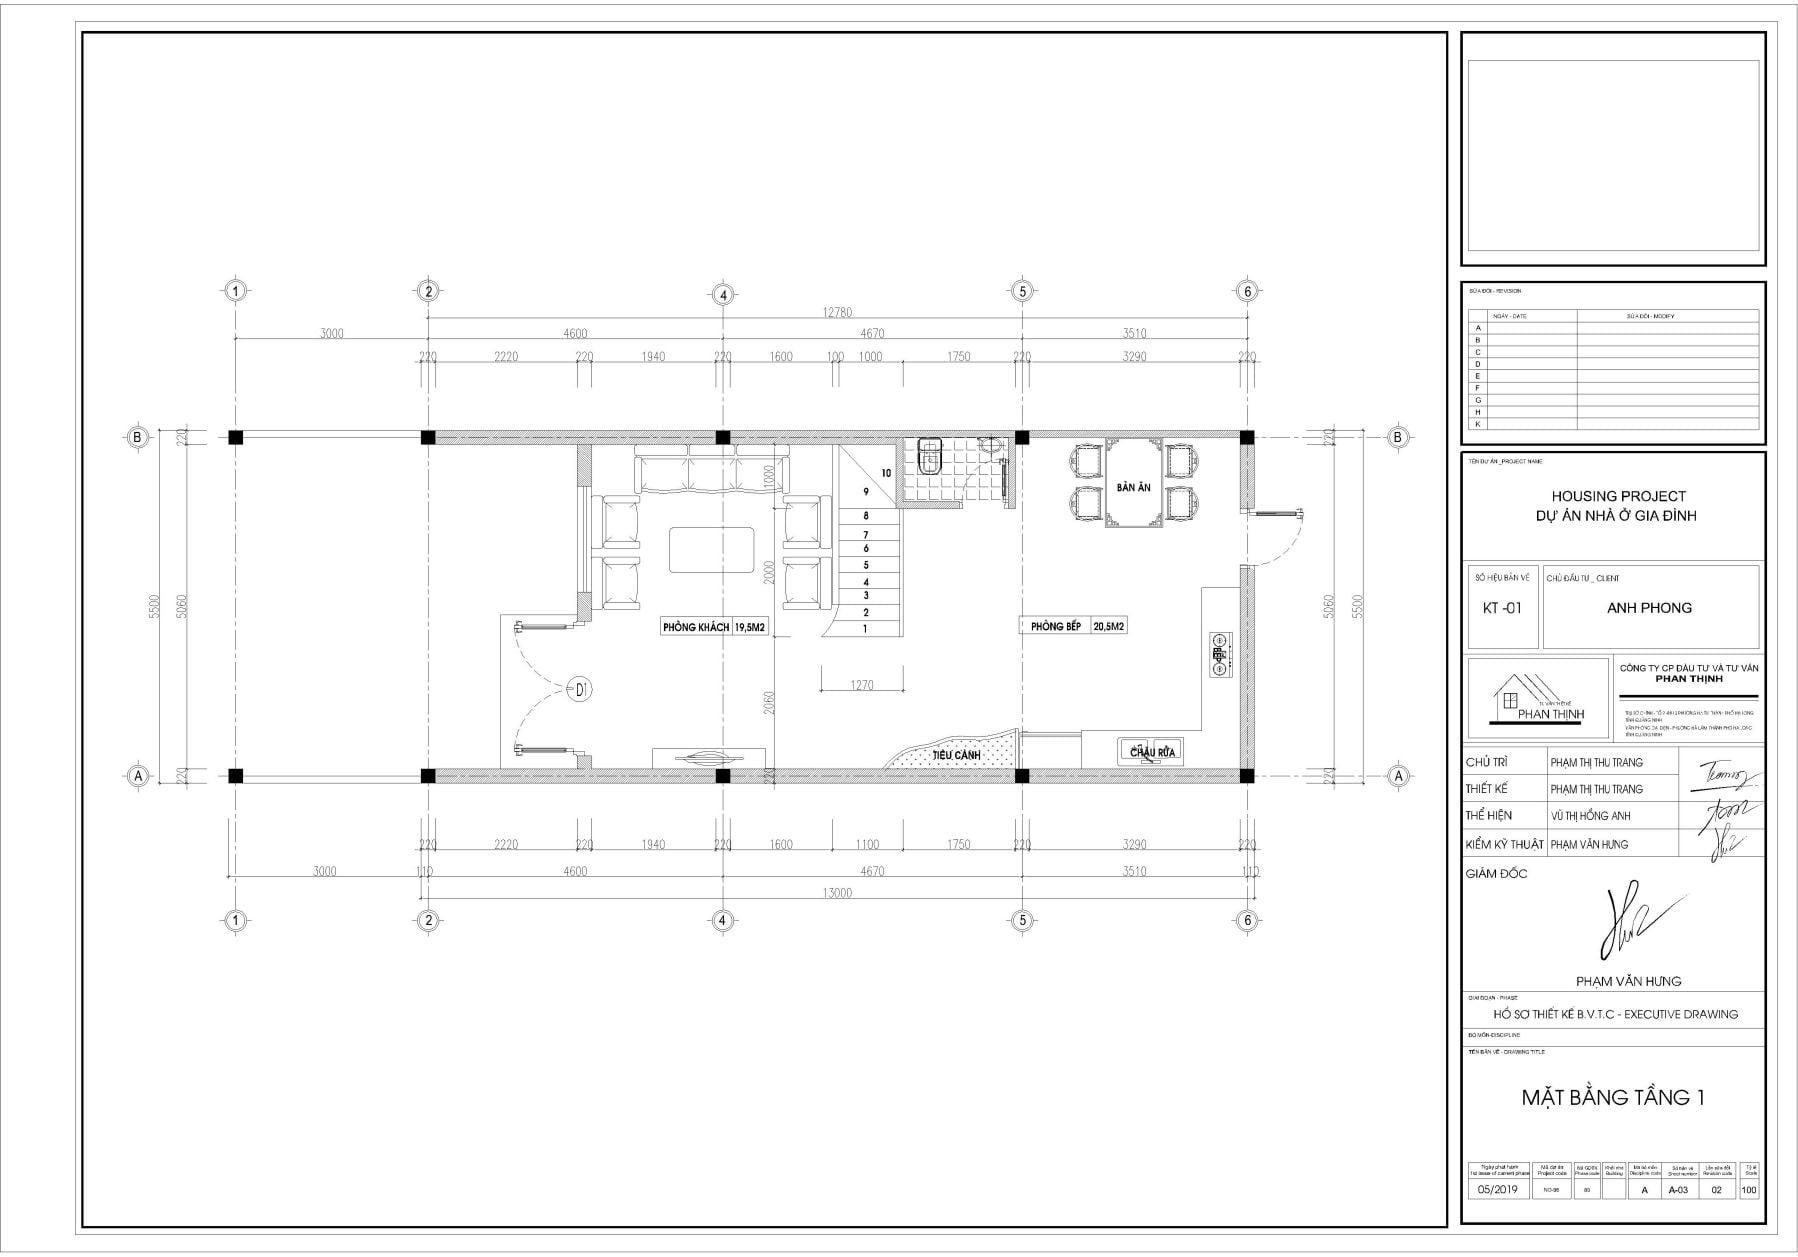 Thiết kế mặt bằng nhà tại tầng 1.